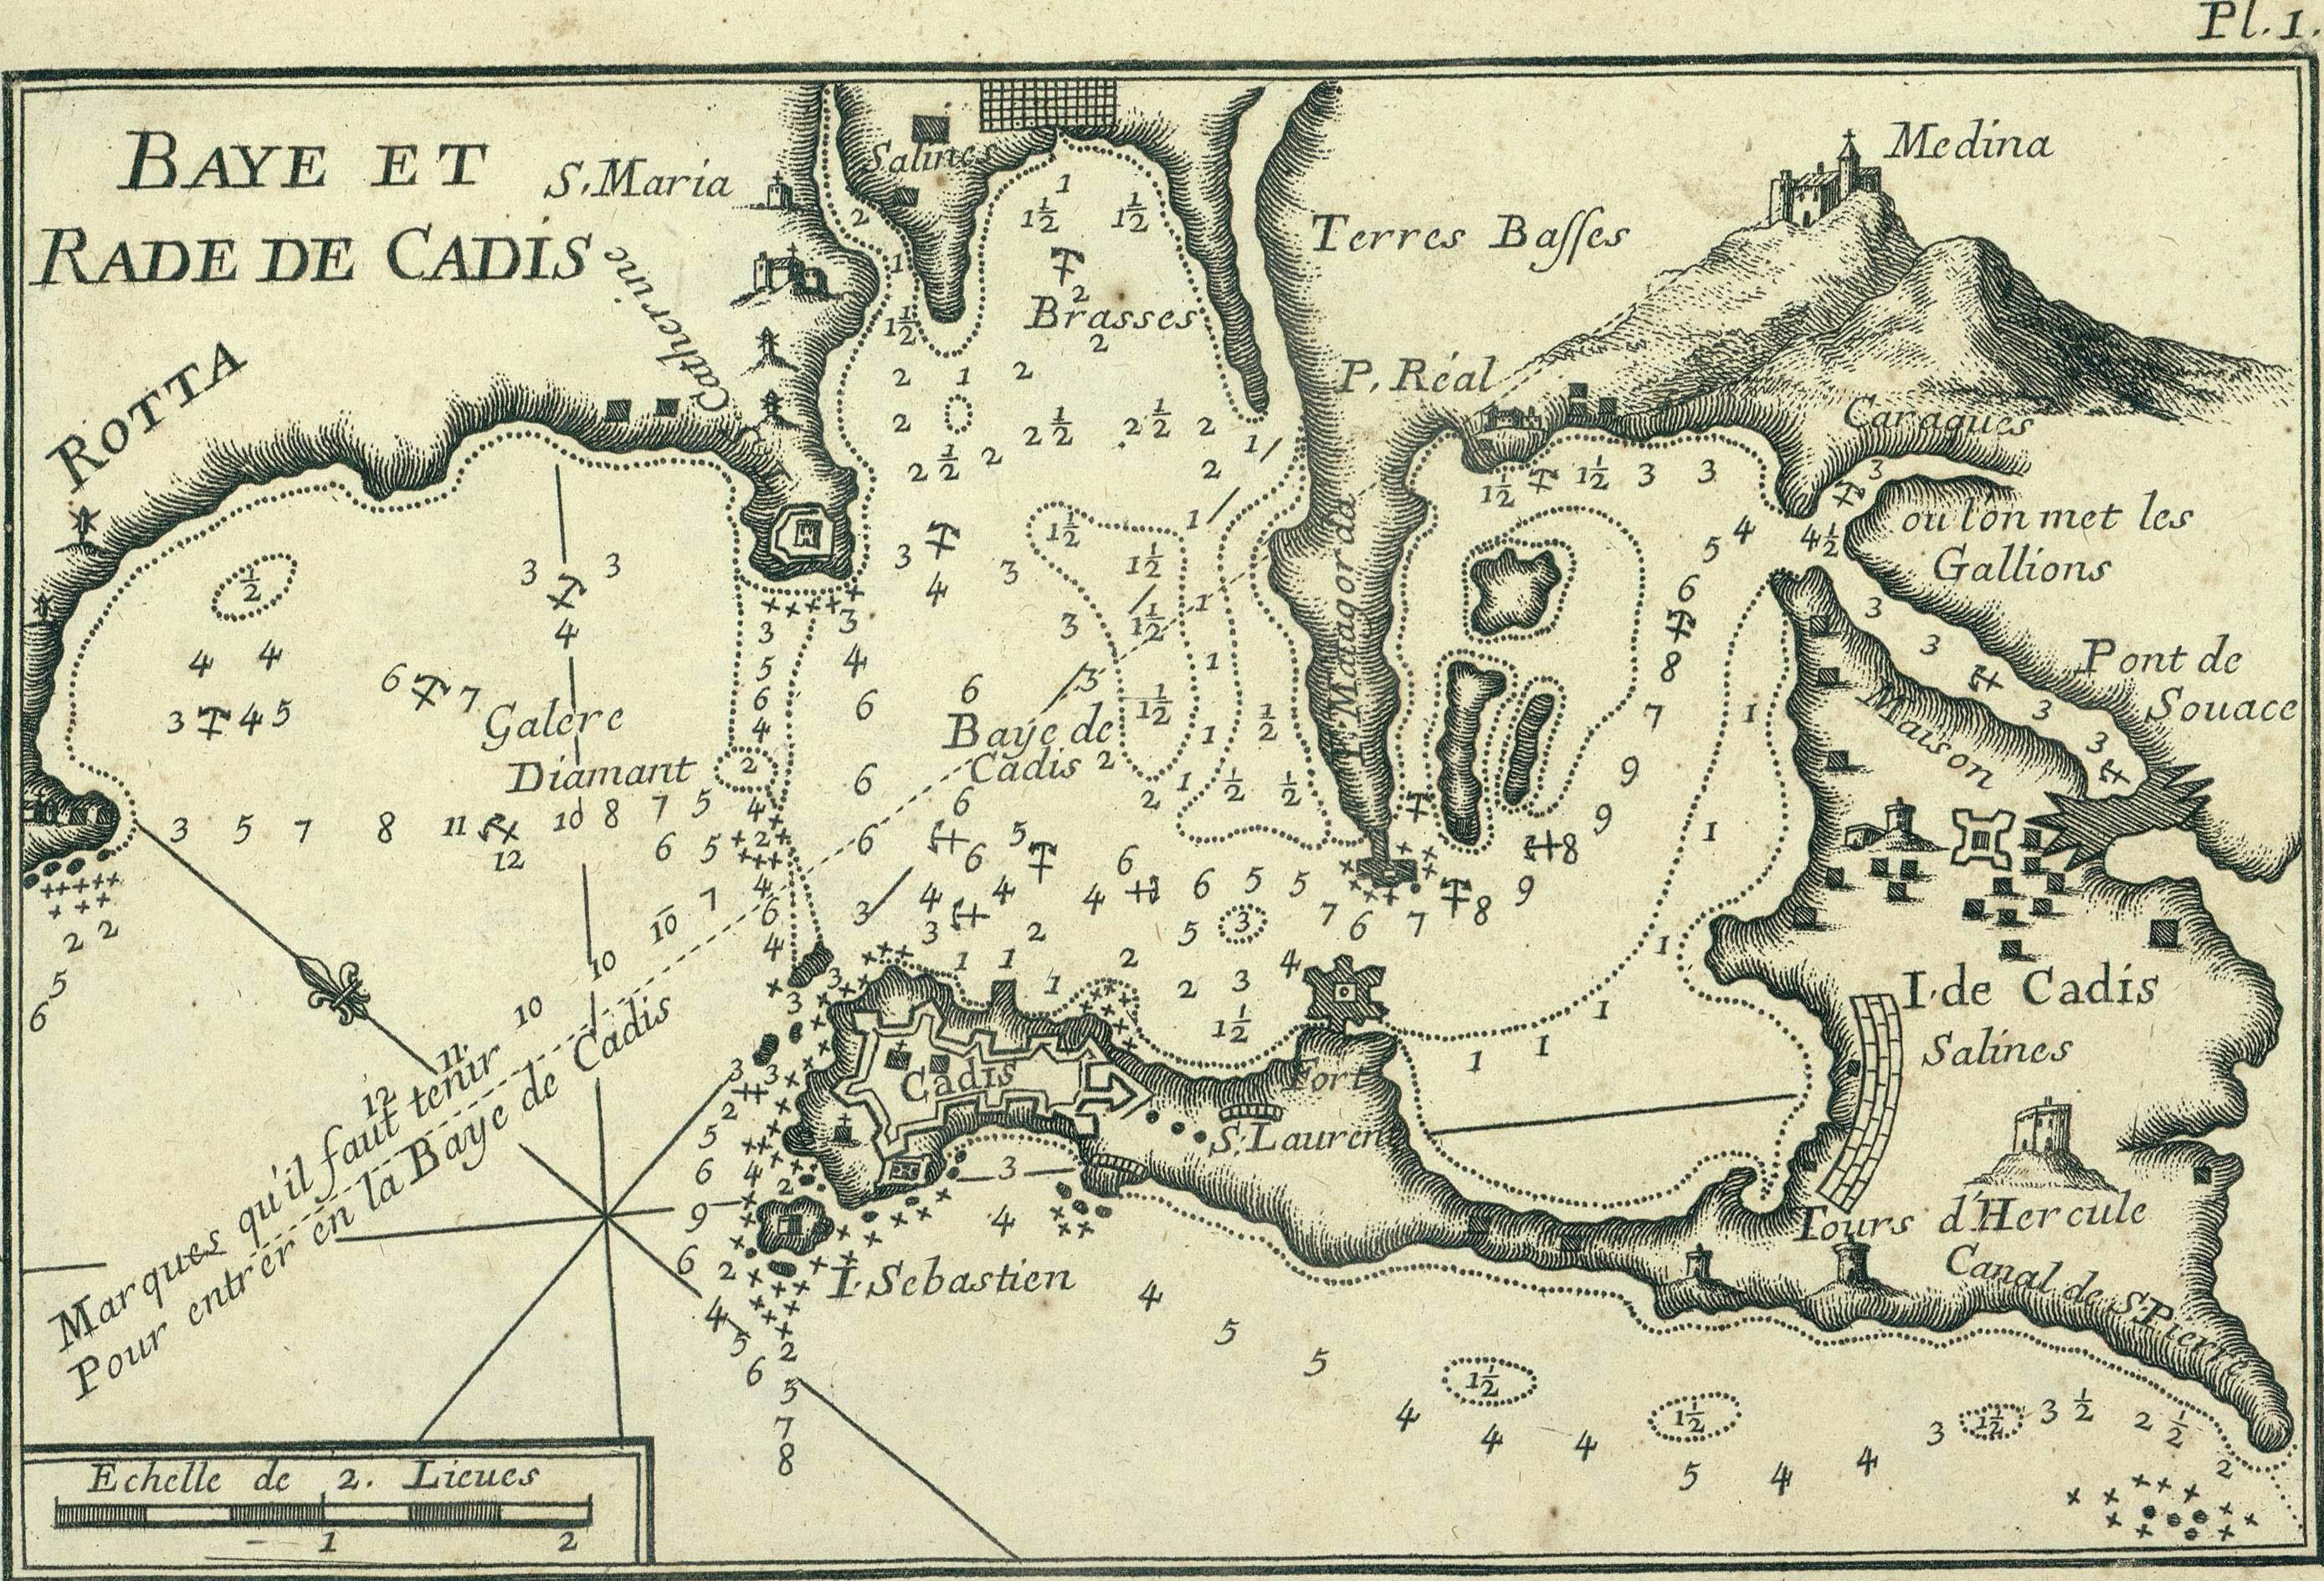 Baye et rade de Cadis 1764